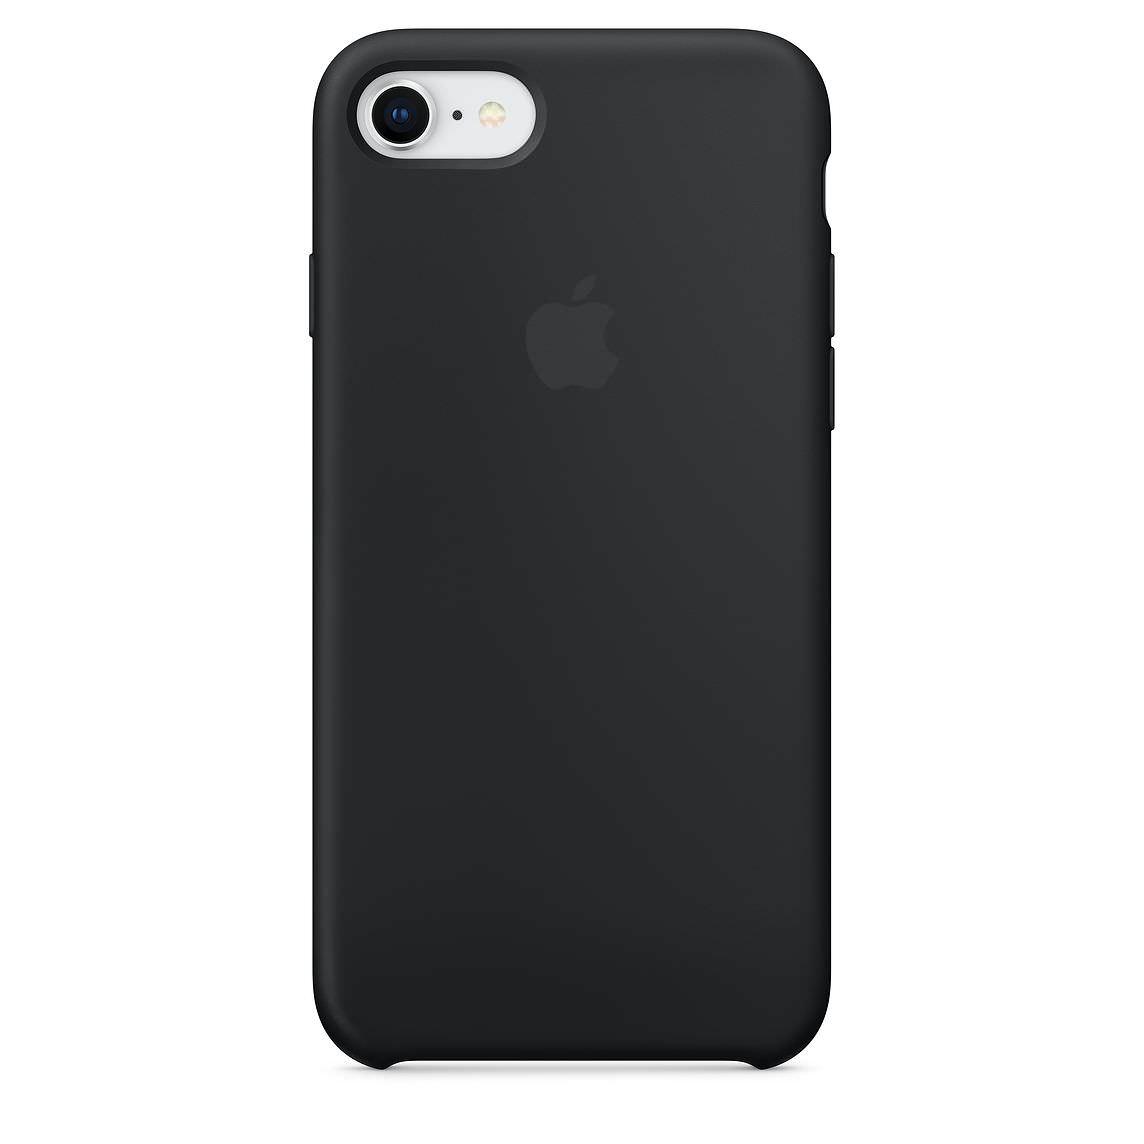 Apple silikónový obal pre iPhone SE 2020 - čierny 1